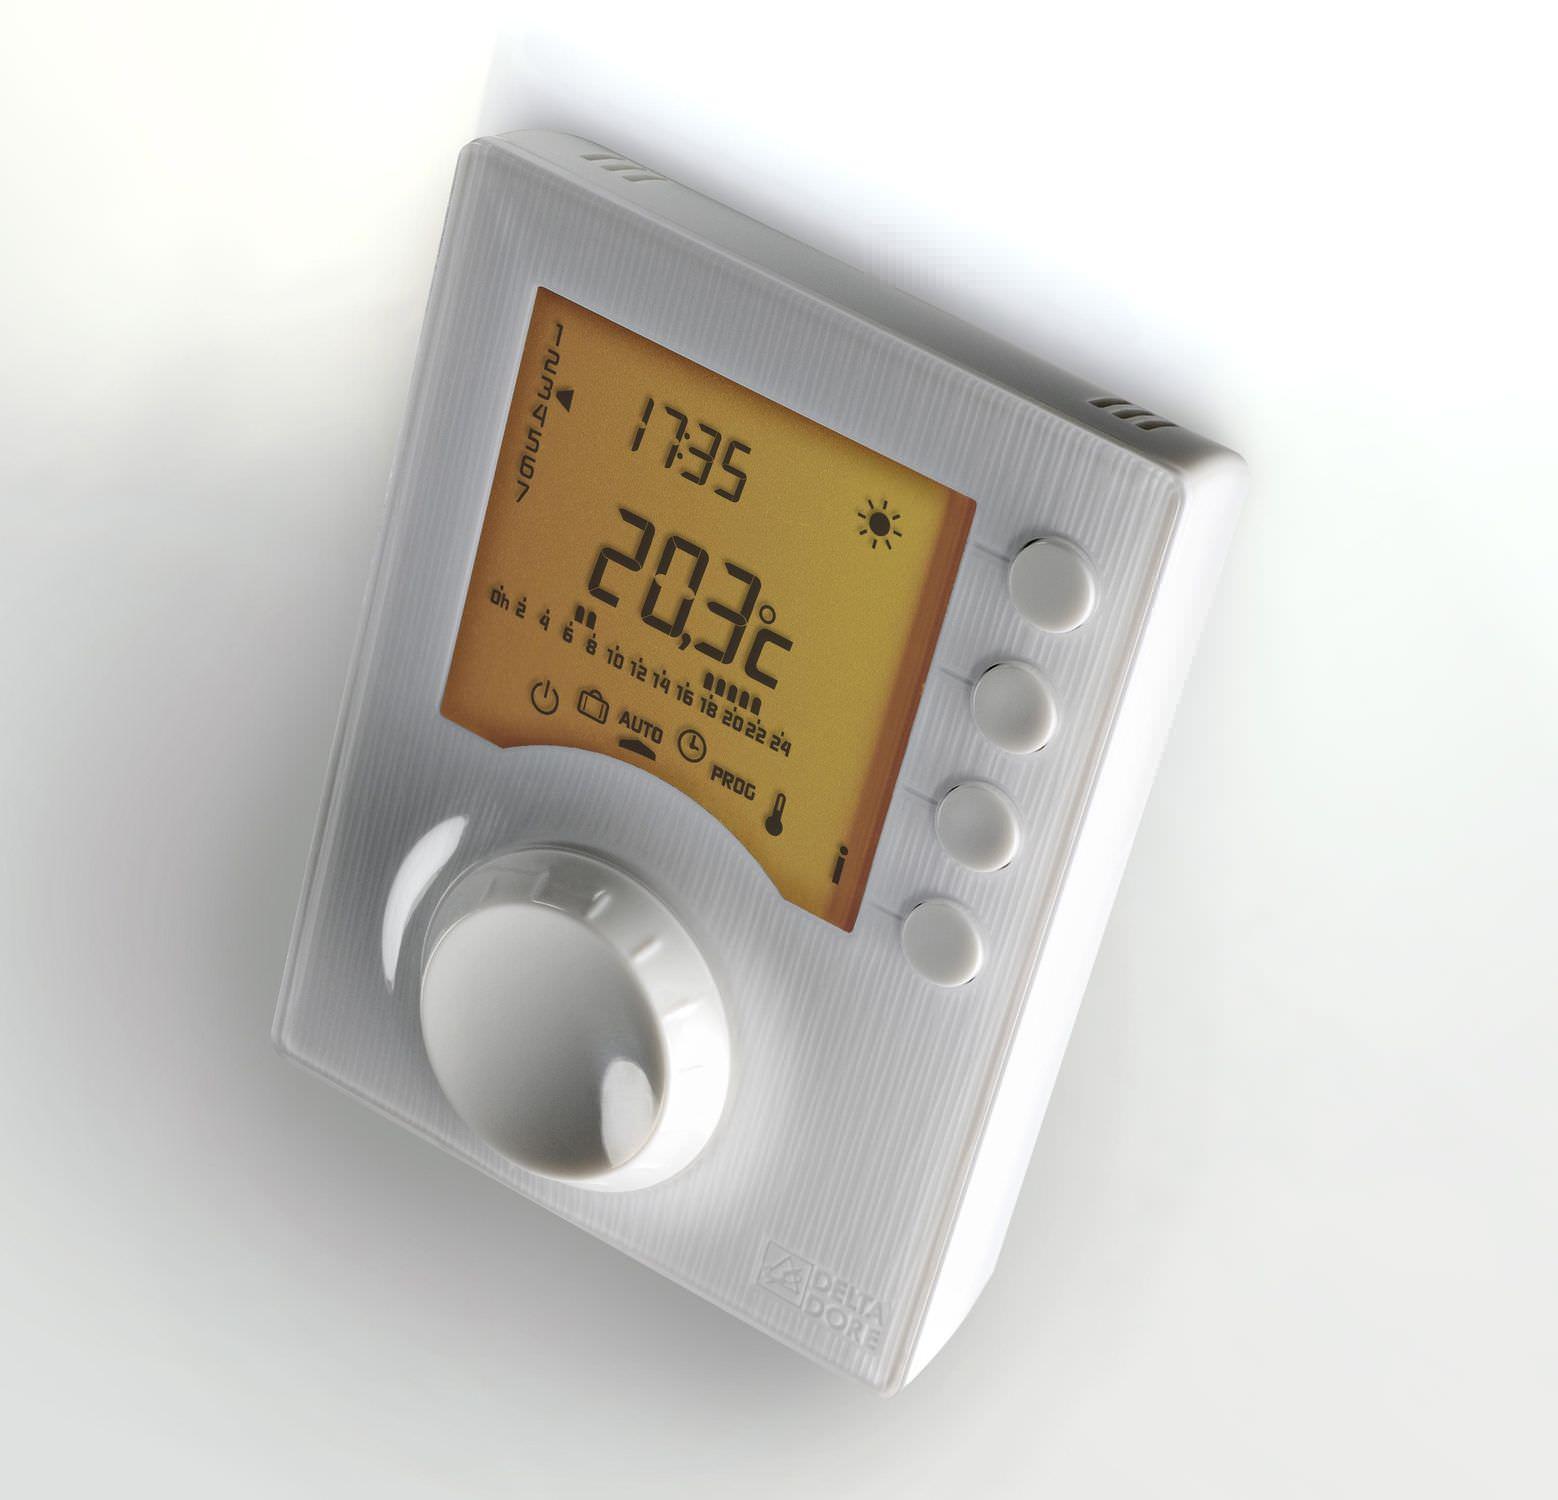 El termostato bapesa for Termostato analogico calefaccion